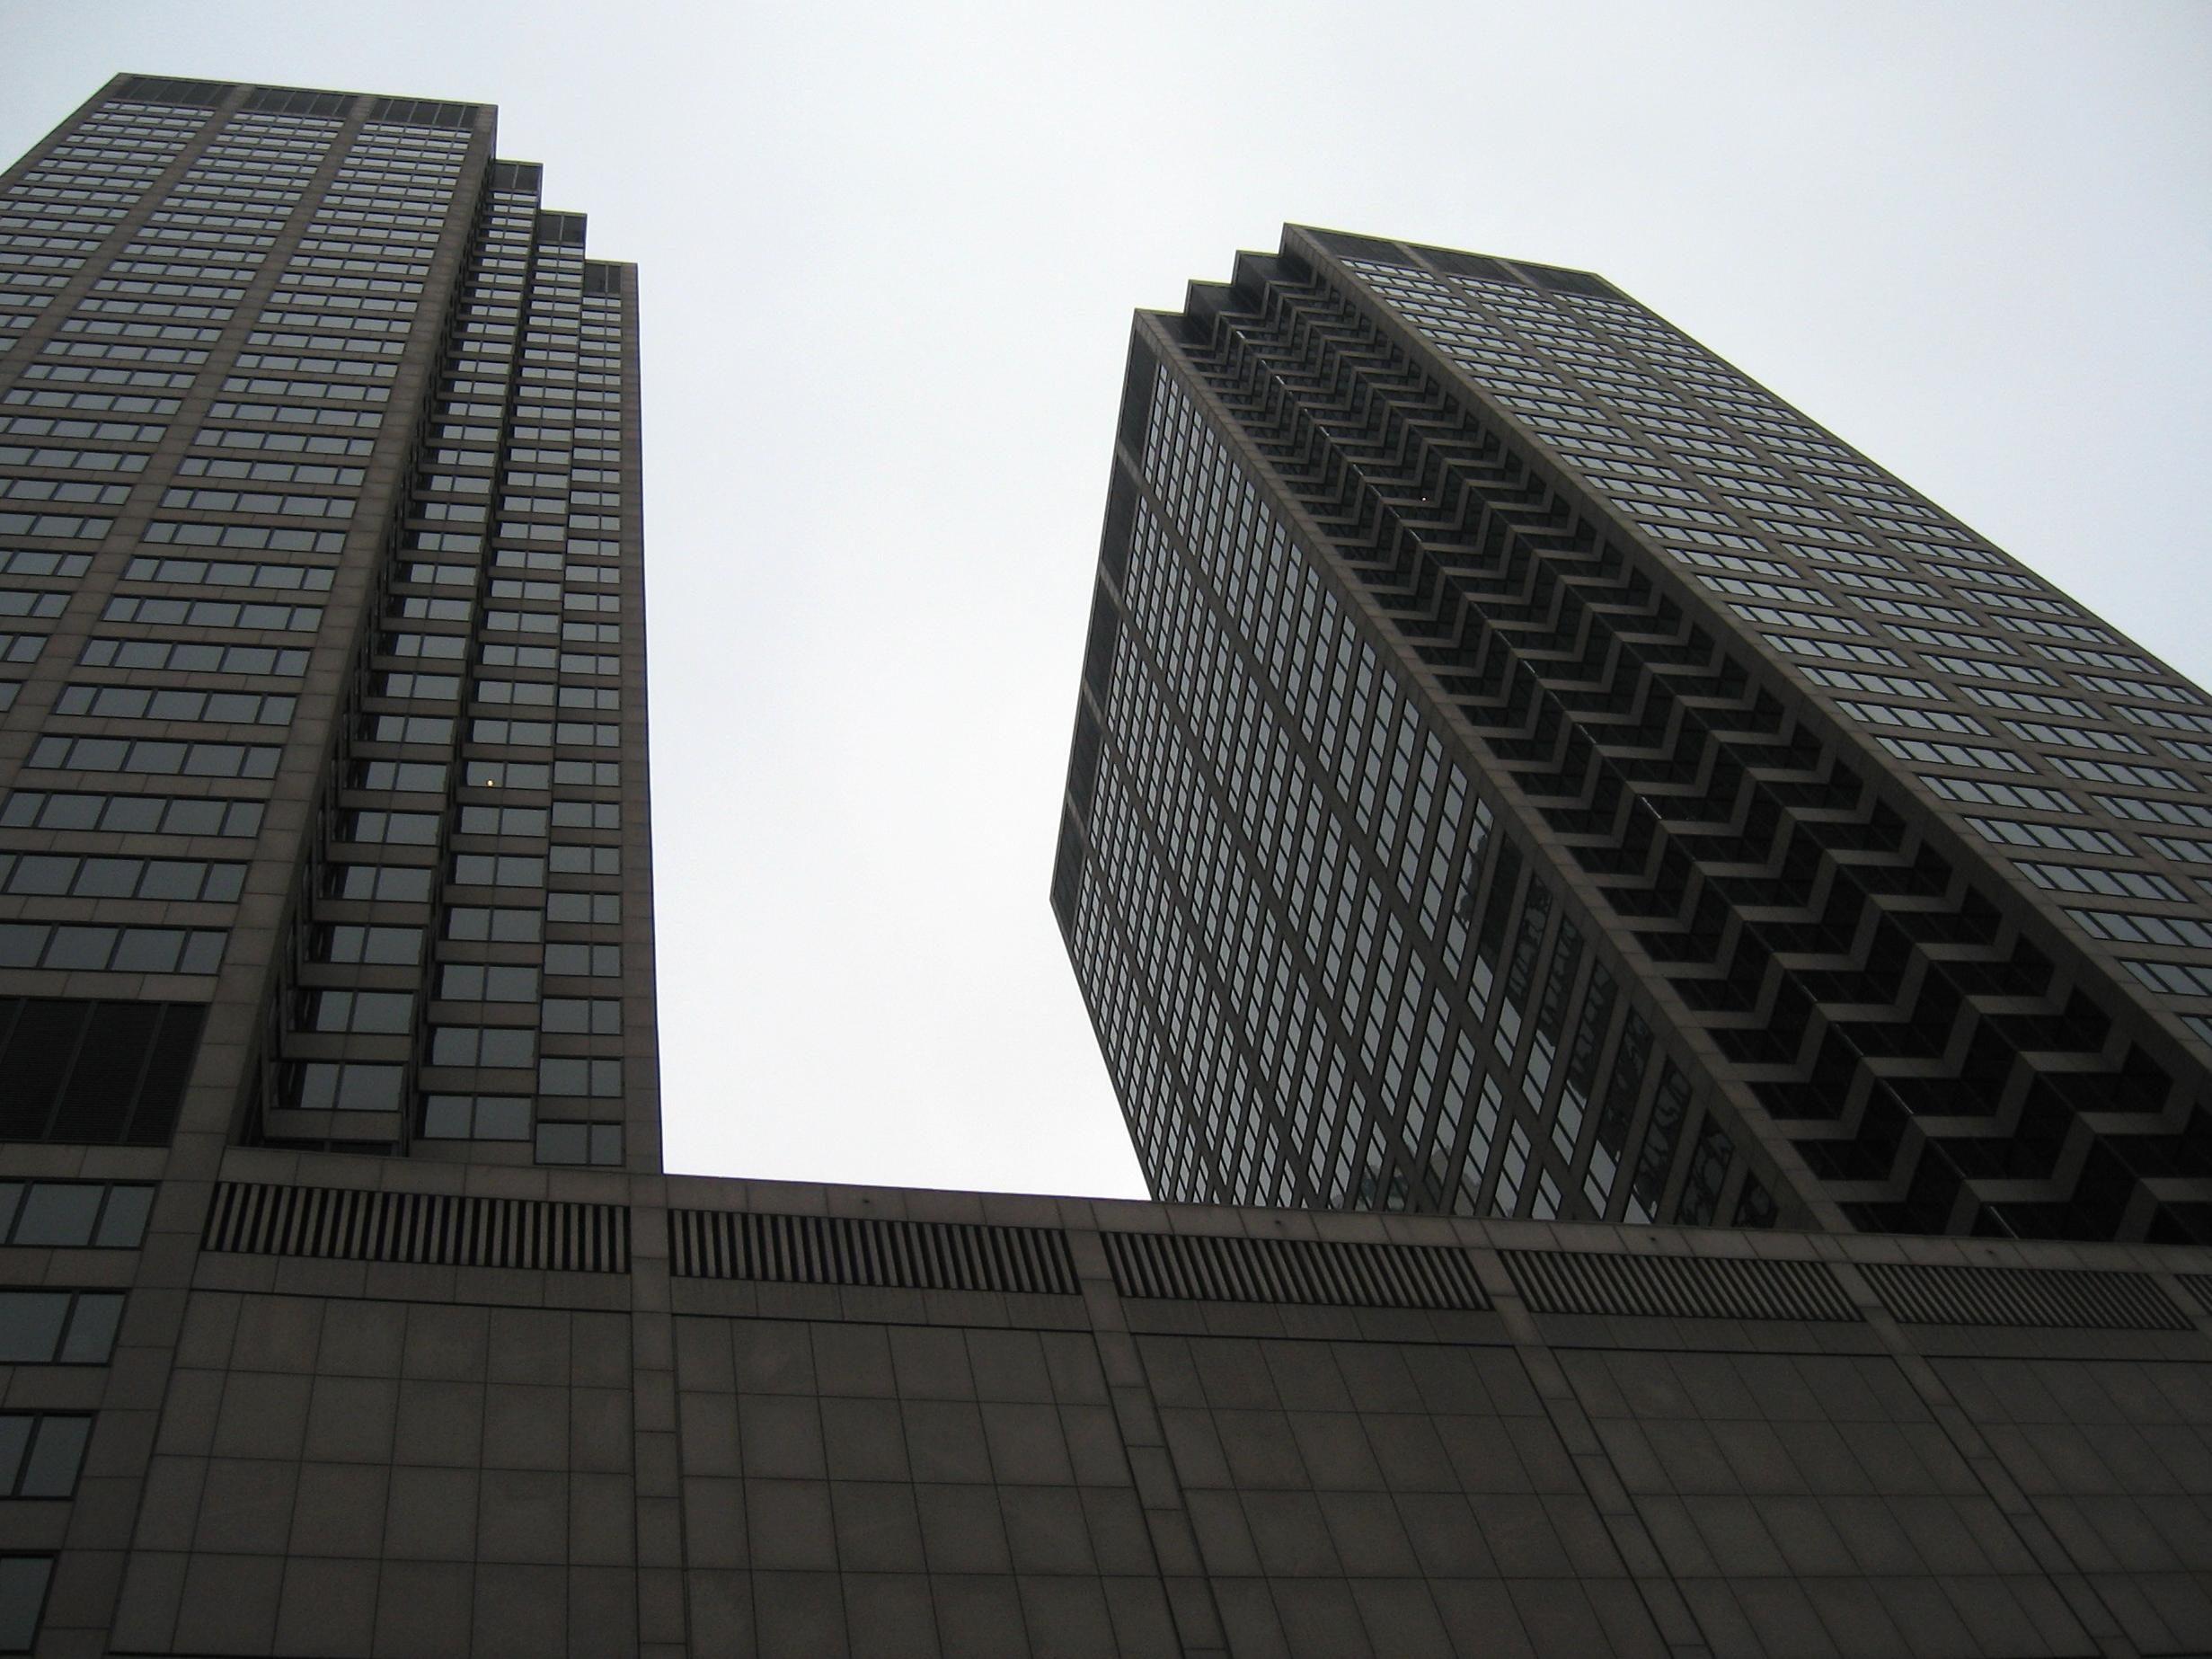 Image libre noir beau b timent bureau ville architecture